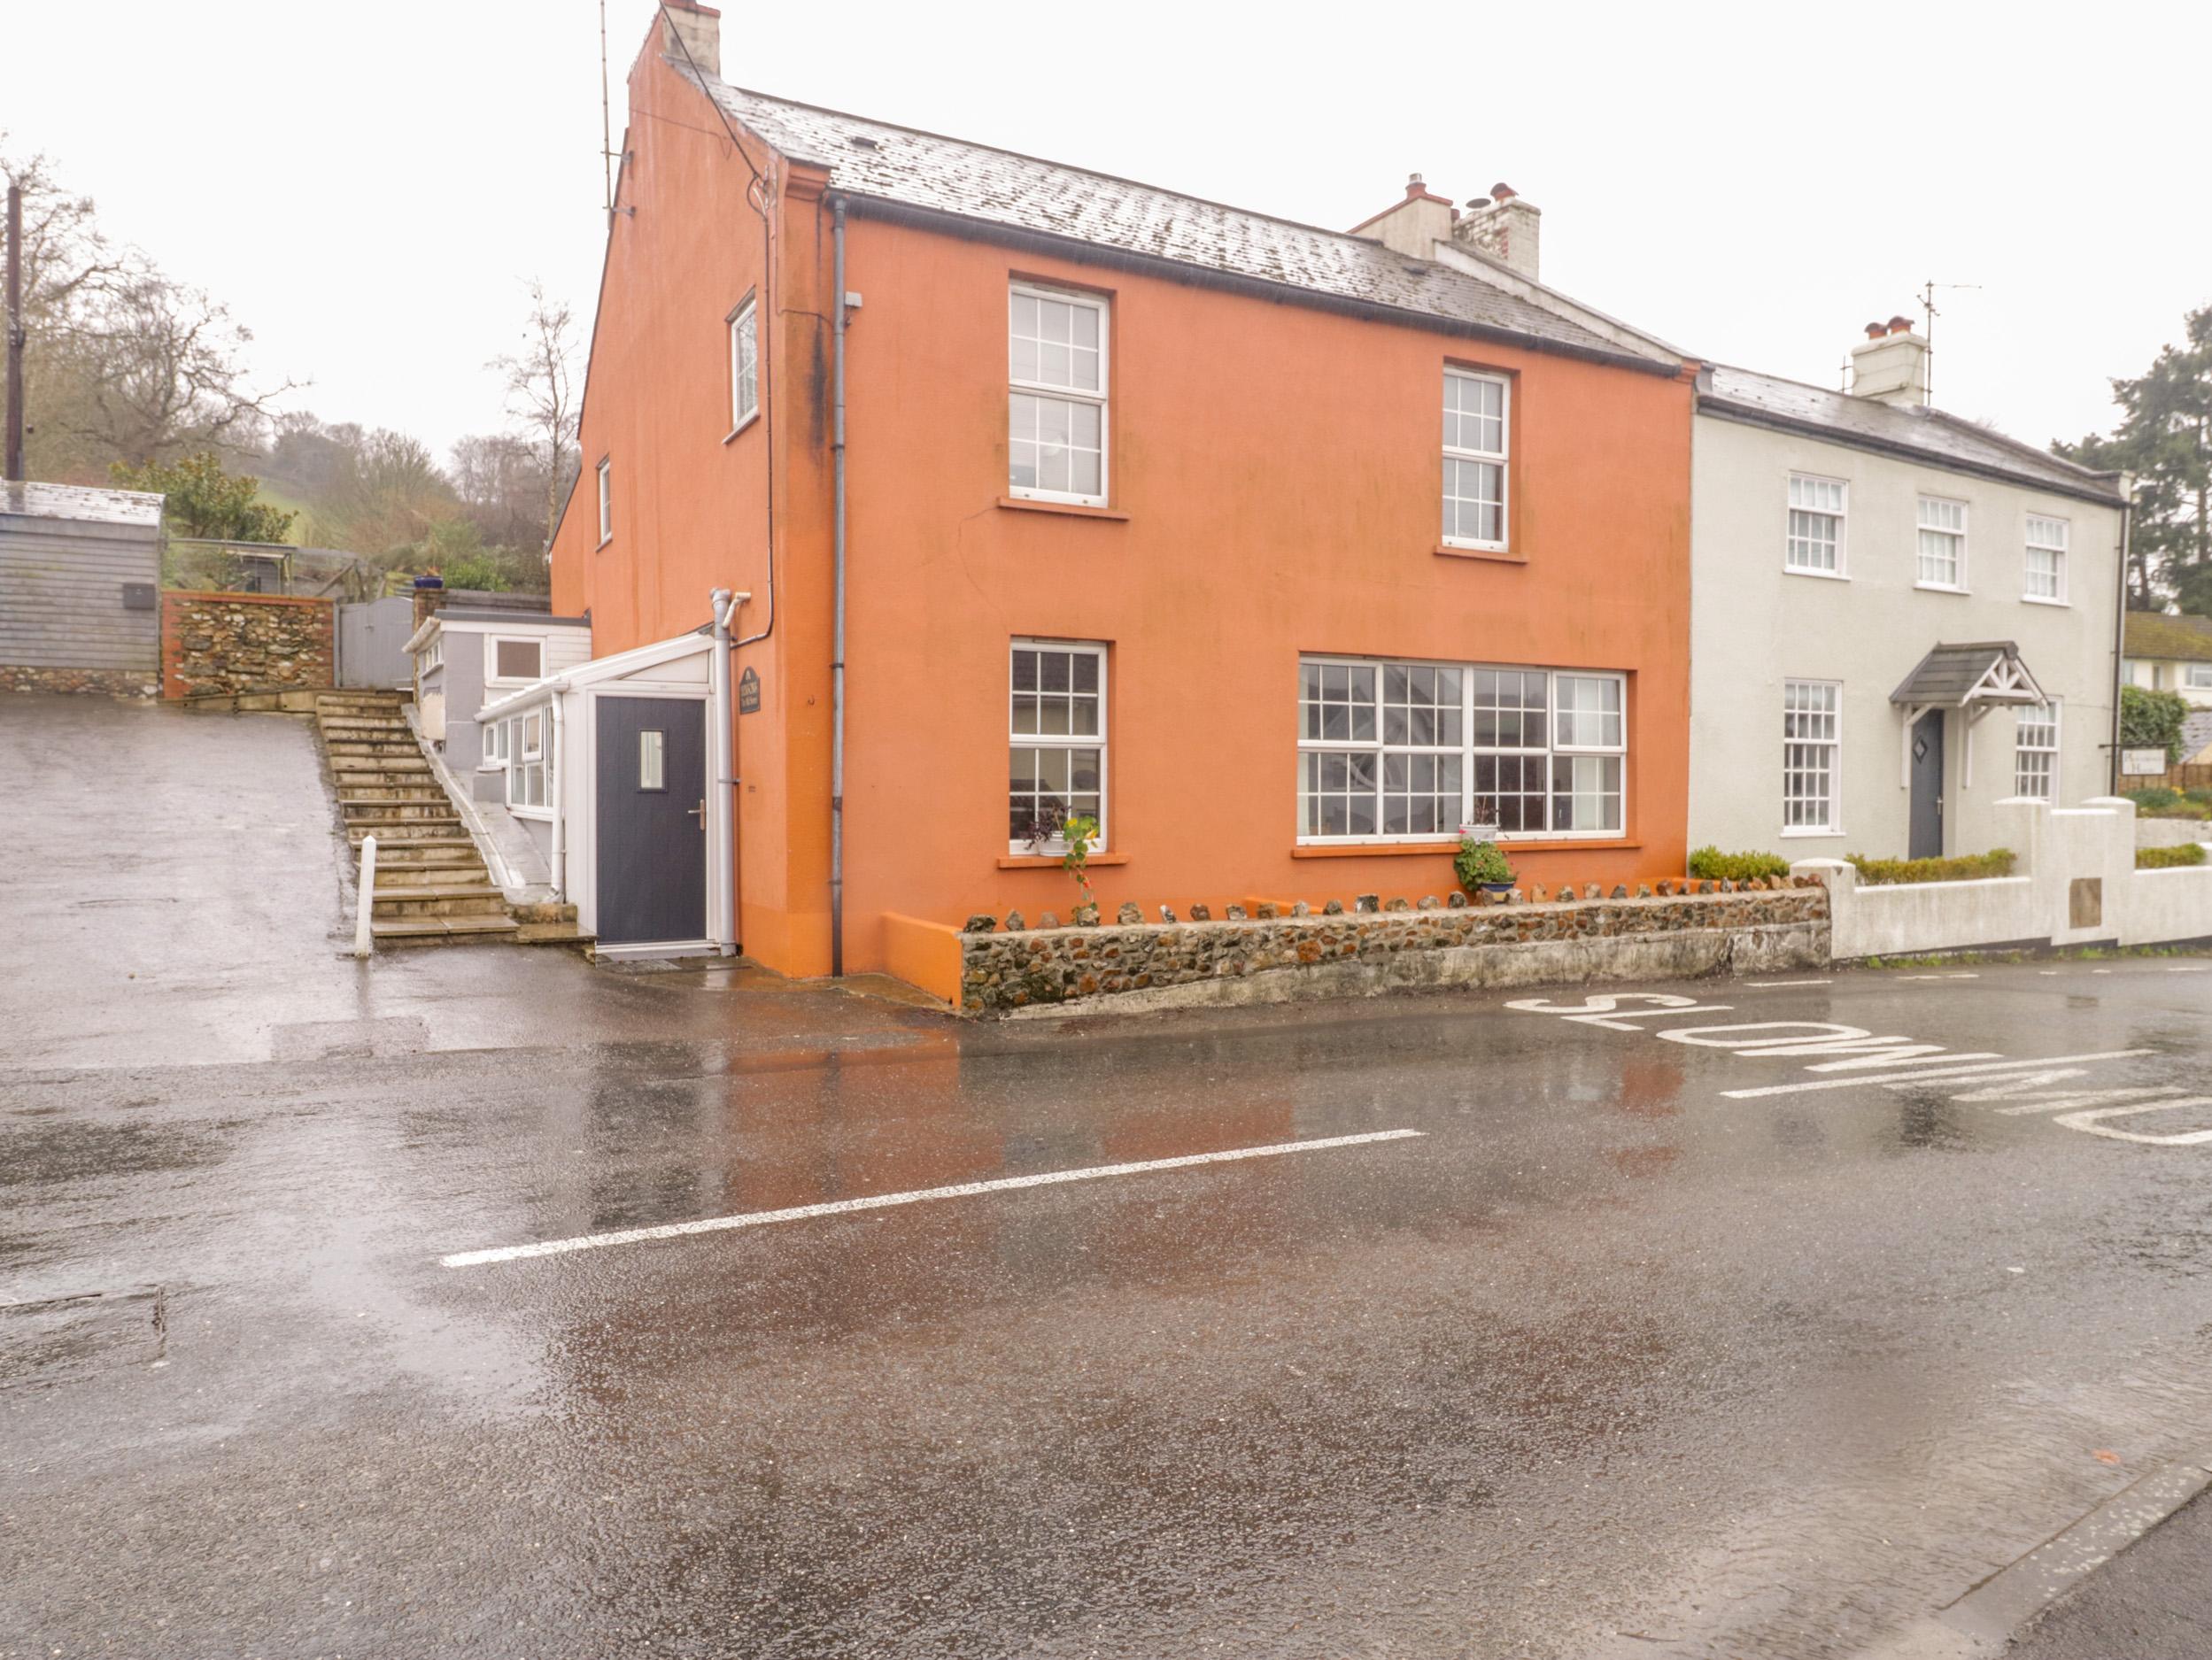 2 bedroom Cottage for rent in Lyme Regis